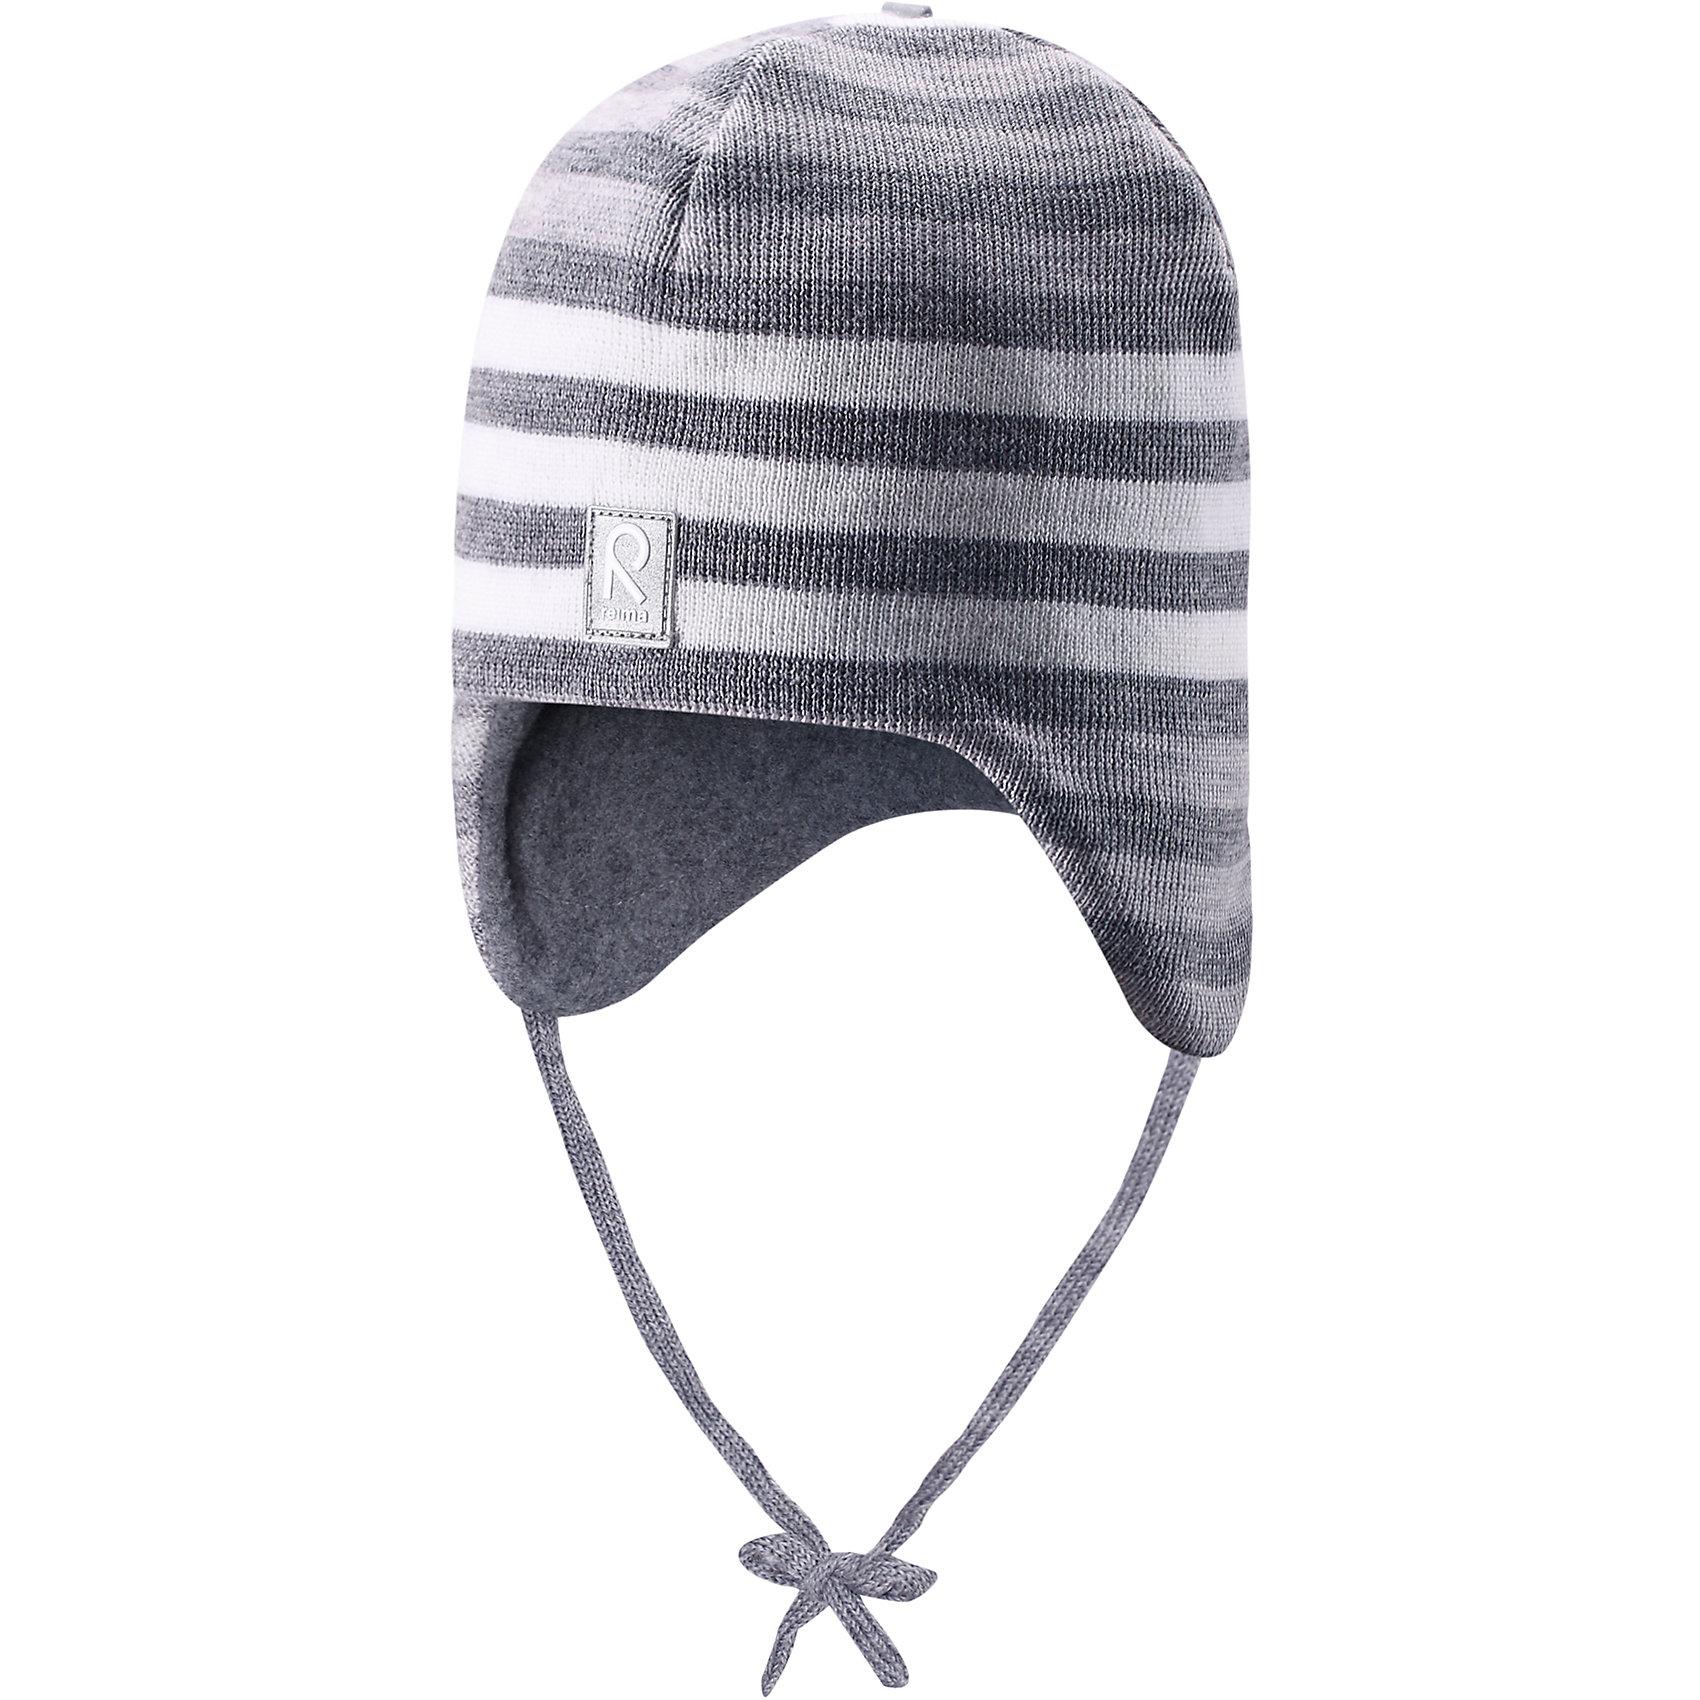 Шапка ReimaЛюбимая шапка малышей в модных цветах сезона надёжно согреет в холодные зимние дни! Шерстяная шапка для малышей согреет в морозную погоду: мягкая подкладка из флиса для тепла и комфорта. Шерстяная шапка с подкладкой из флиса особенно подходит для маленьких приключений на свежем воздухе, потому что флис быстро высыхает и хорошо выводит влагу. Благодаря эластичной вязке шапка плотно прилегает, а ветронепроницаемые вставки в области ушей защищают маленькие ушки от холодного ветра. Завязки надёжно фиксируют шапку на голове и не натирают. Для завершения стильного образа носите с тёплой горловиной Star!<br><br>Шерстяная шапка для малышей <br>Полностью на подкладке: Мягкий тёплый флис<br>Ветронепроницаемые вставки в области ушей <br>Доступна в однотонном и полосатом вариантах<br>Состав:<br>100% Шерсть<br><br><br>Шапку Reima (Рейма) можно купить в нашем магазине.<br><br>Ширина мм: 89<br>Глубина мм: 117<br>Высота мм: 44<br>Вес г: 155<br>Цвет: серый<br>Возраст от месяцев: 6<br>Возраст до месяцев: 9<br>Пол: Унисекс<br>Возраст: Детский<br>Размер: 46,52,50,48<br>SKU: 4208690